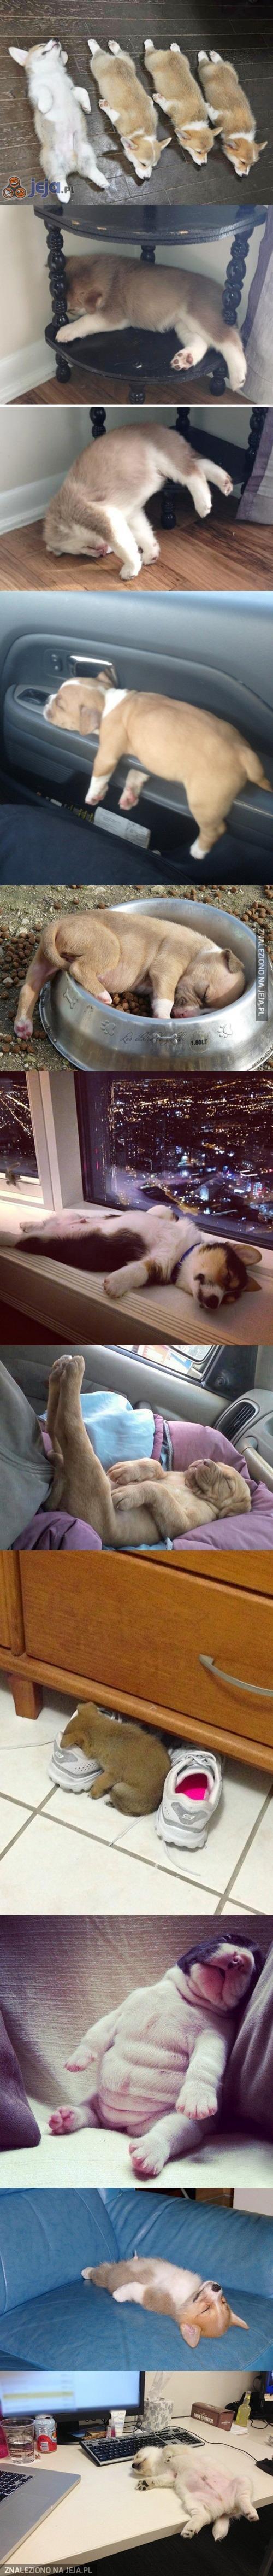 Szczeniaczki są najsłodsze, gdy śpią...